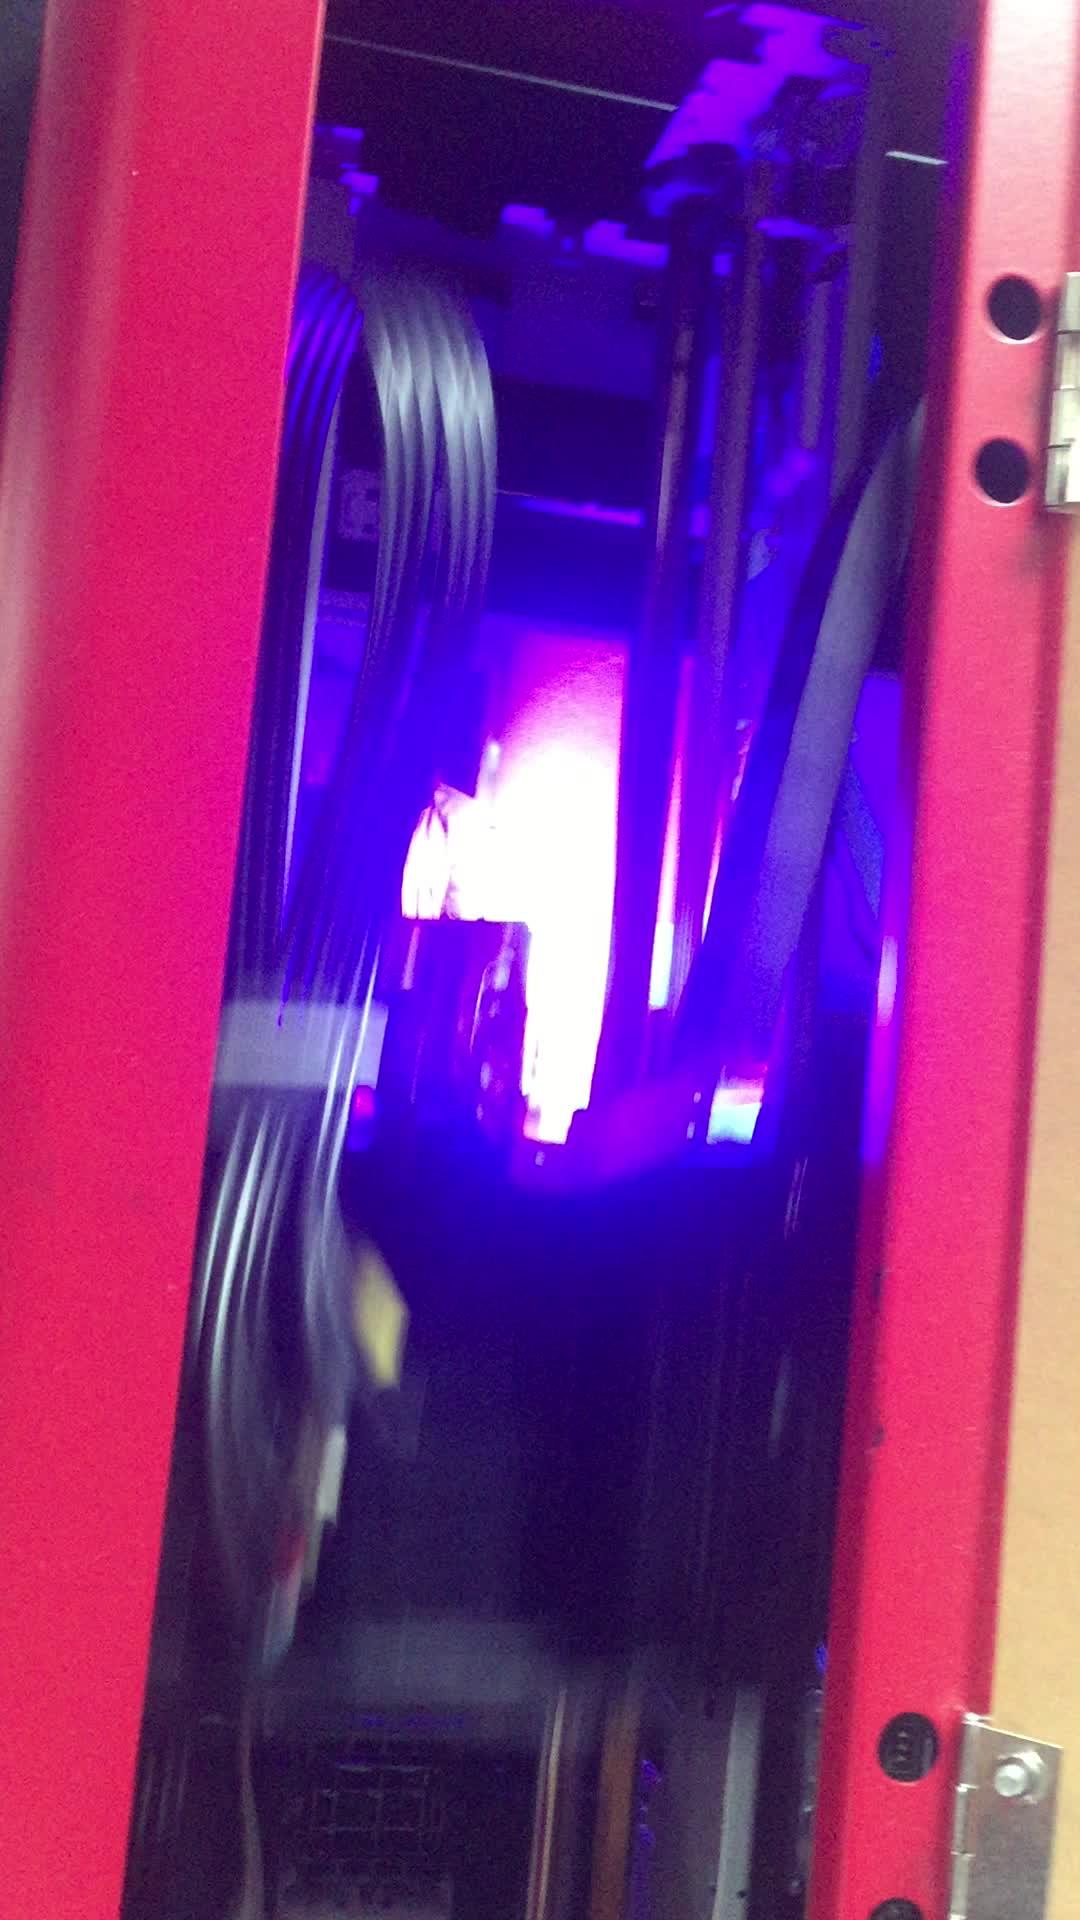 Tự động và nhiều màu A3 máy in UV cho pen, vỏ điện thoại di động, đĩa, bóng golf